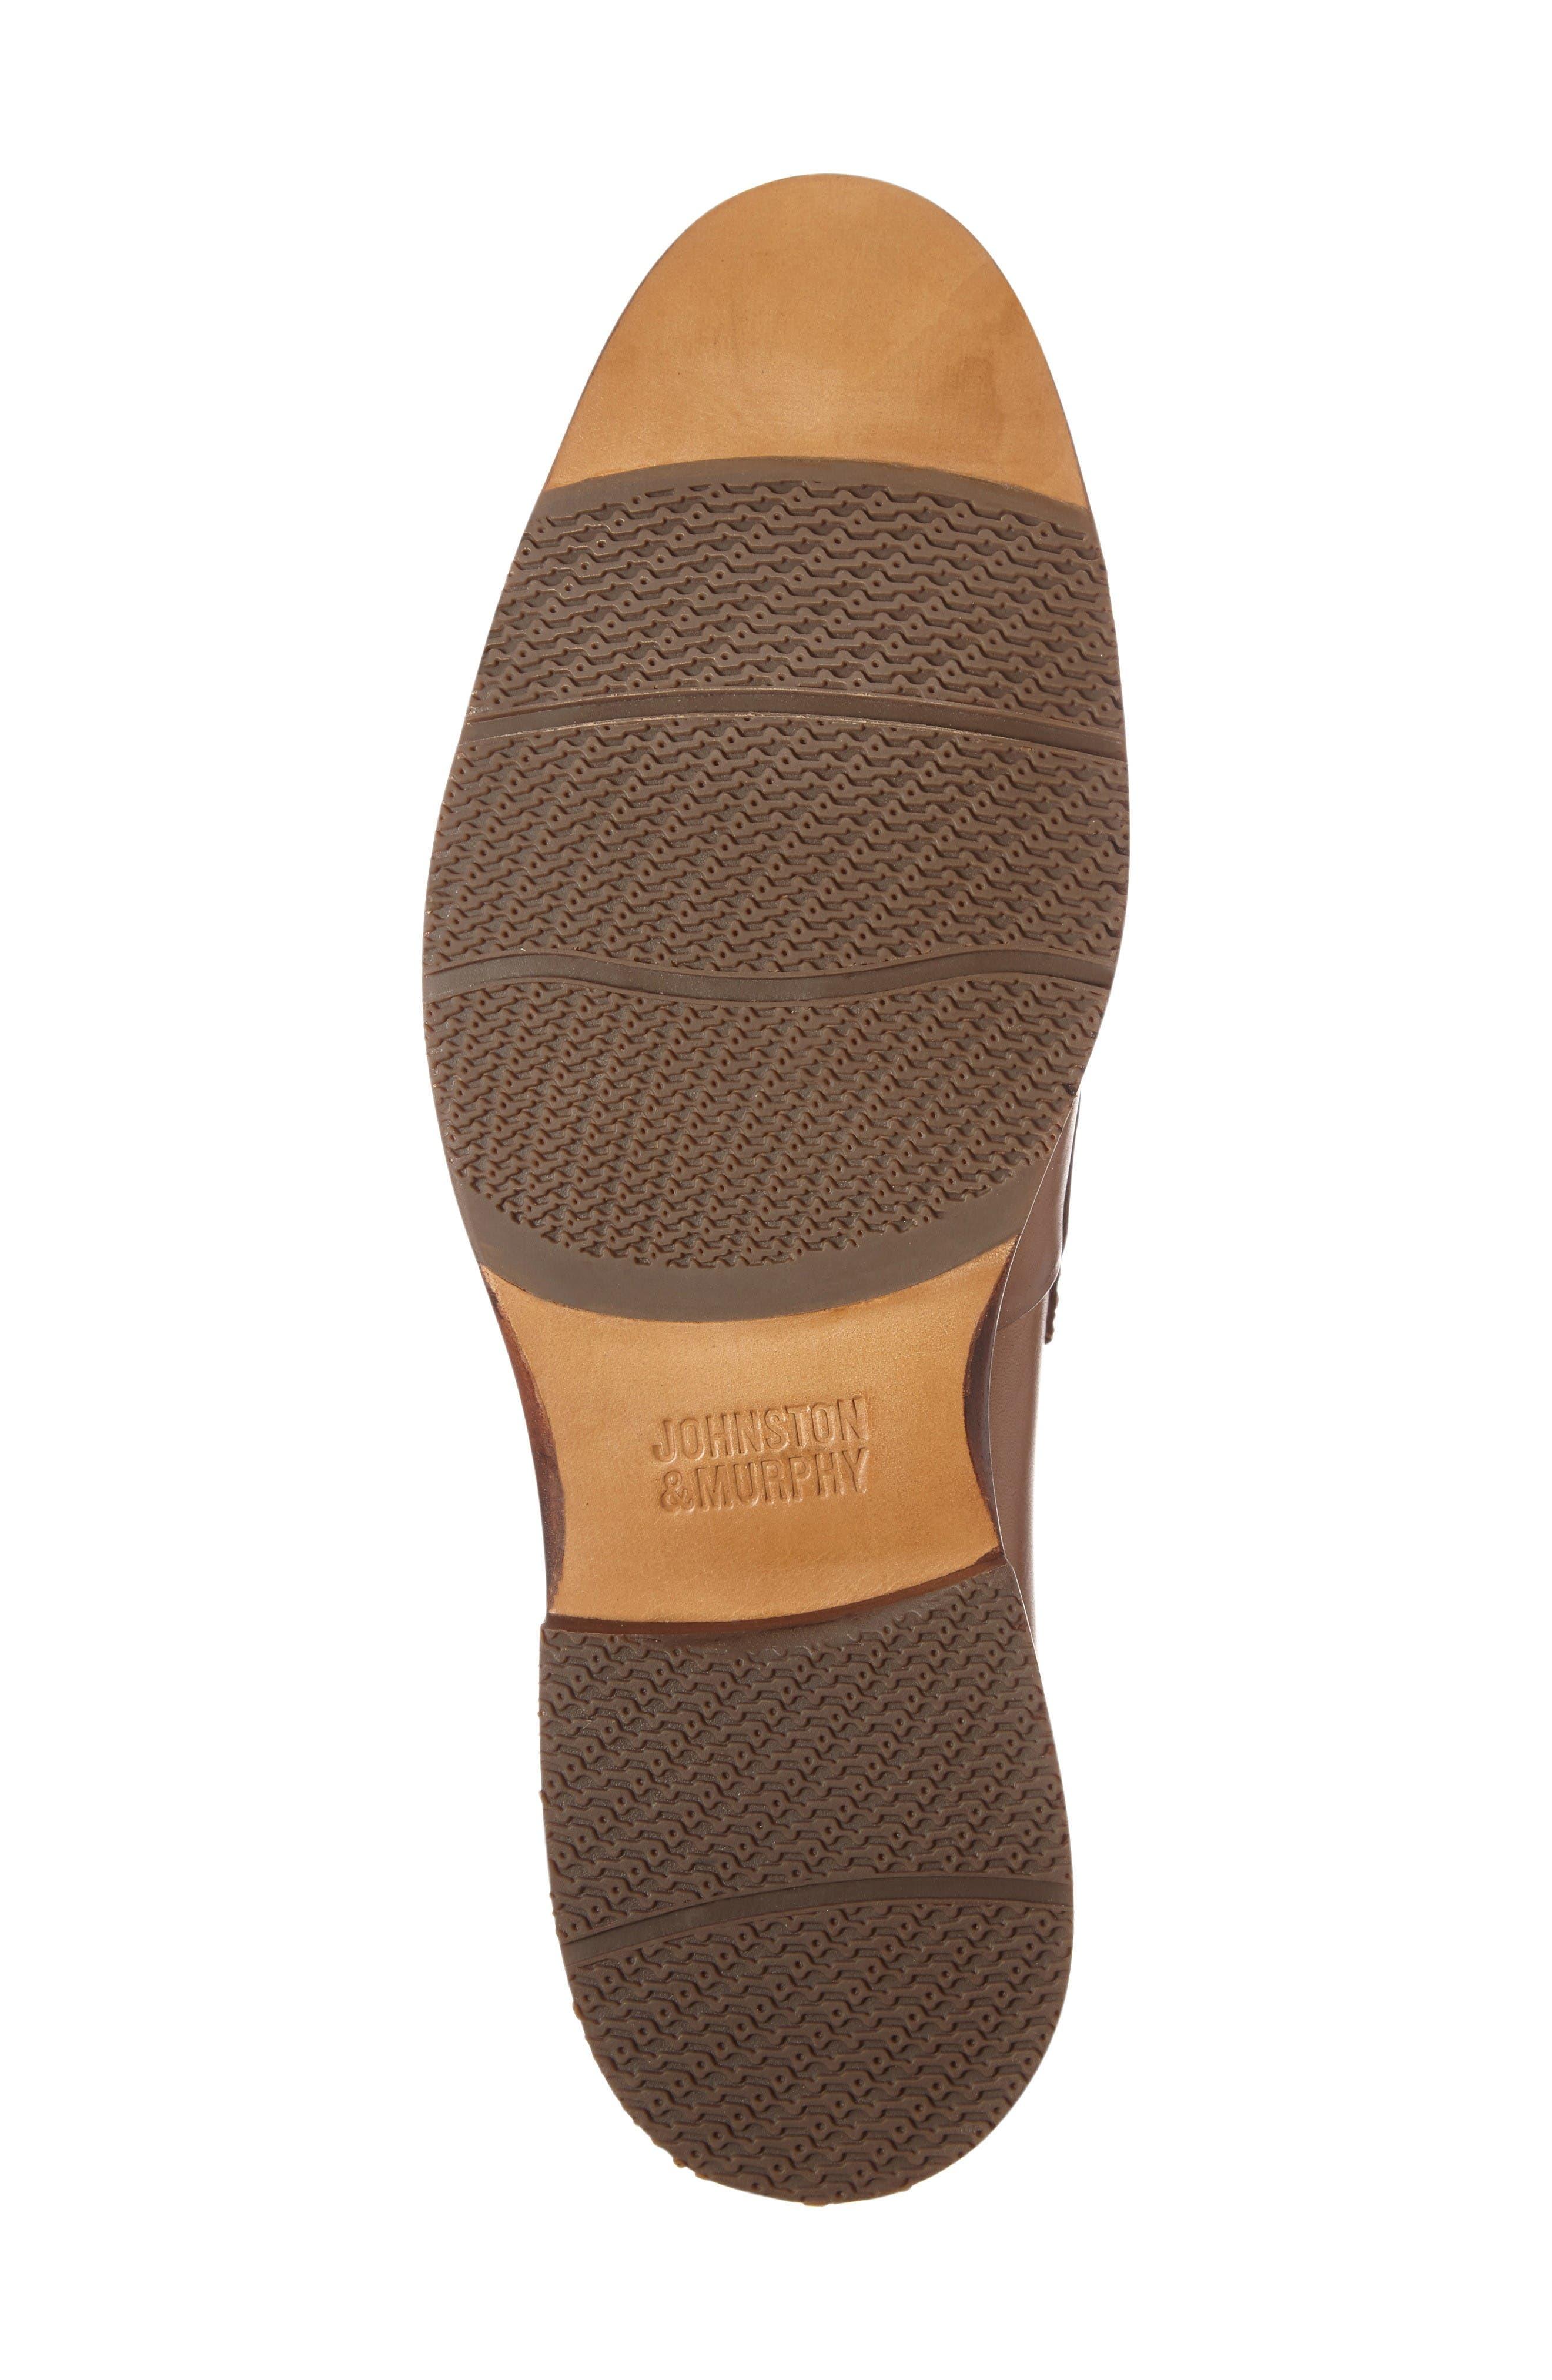 Garner Penny Loafer,                             Alternate thumbnail 5, color,                             Tan Leather